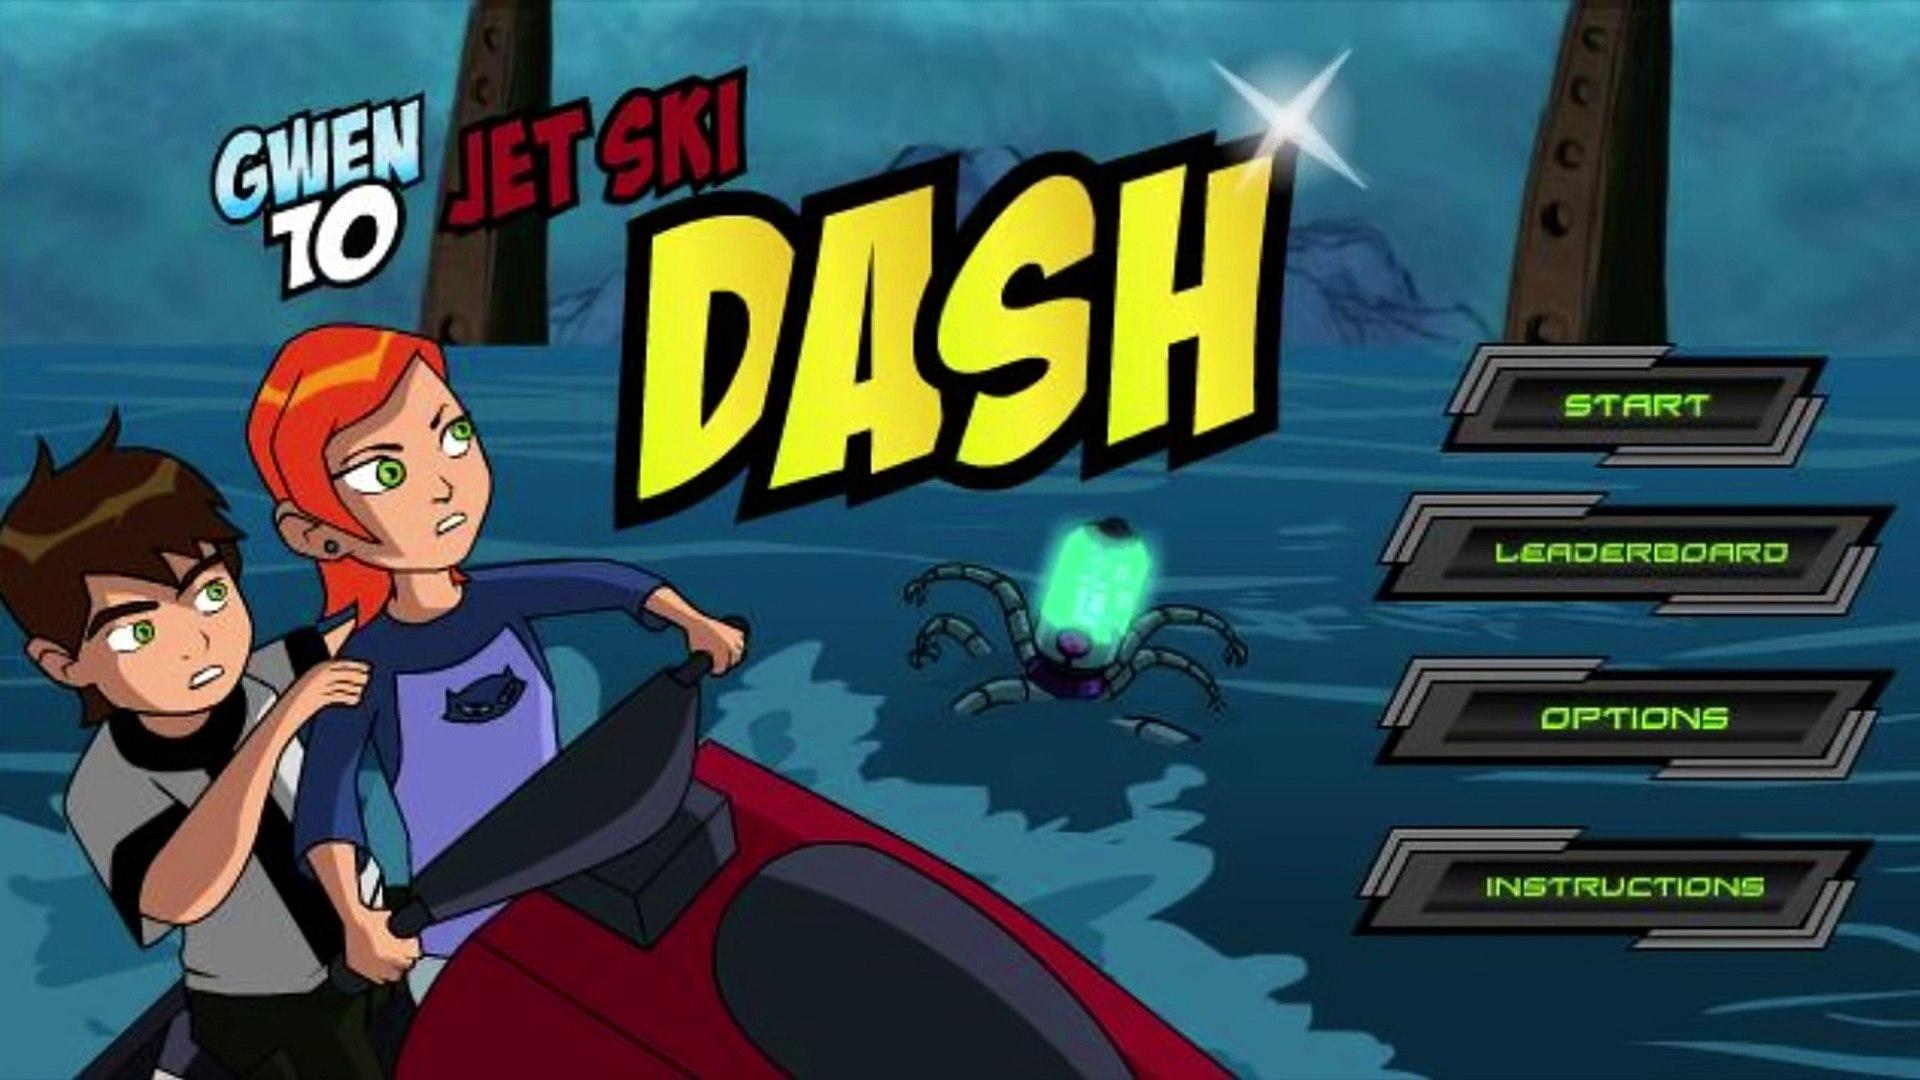 Ben 10 - Jet Ski Dash - Ben 10 Games